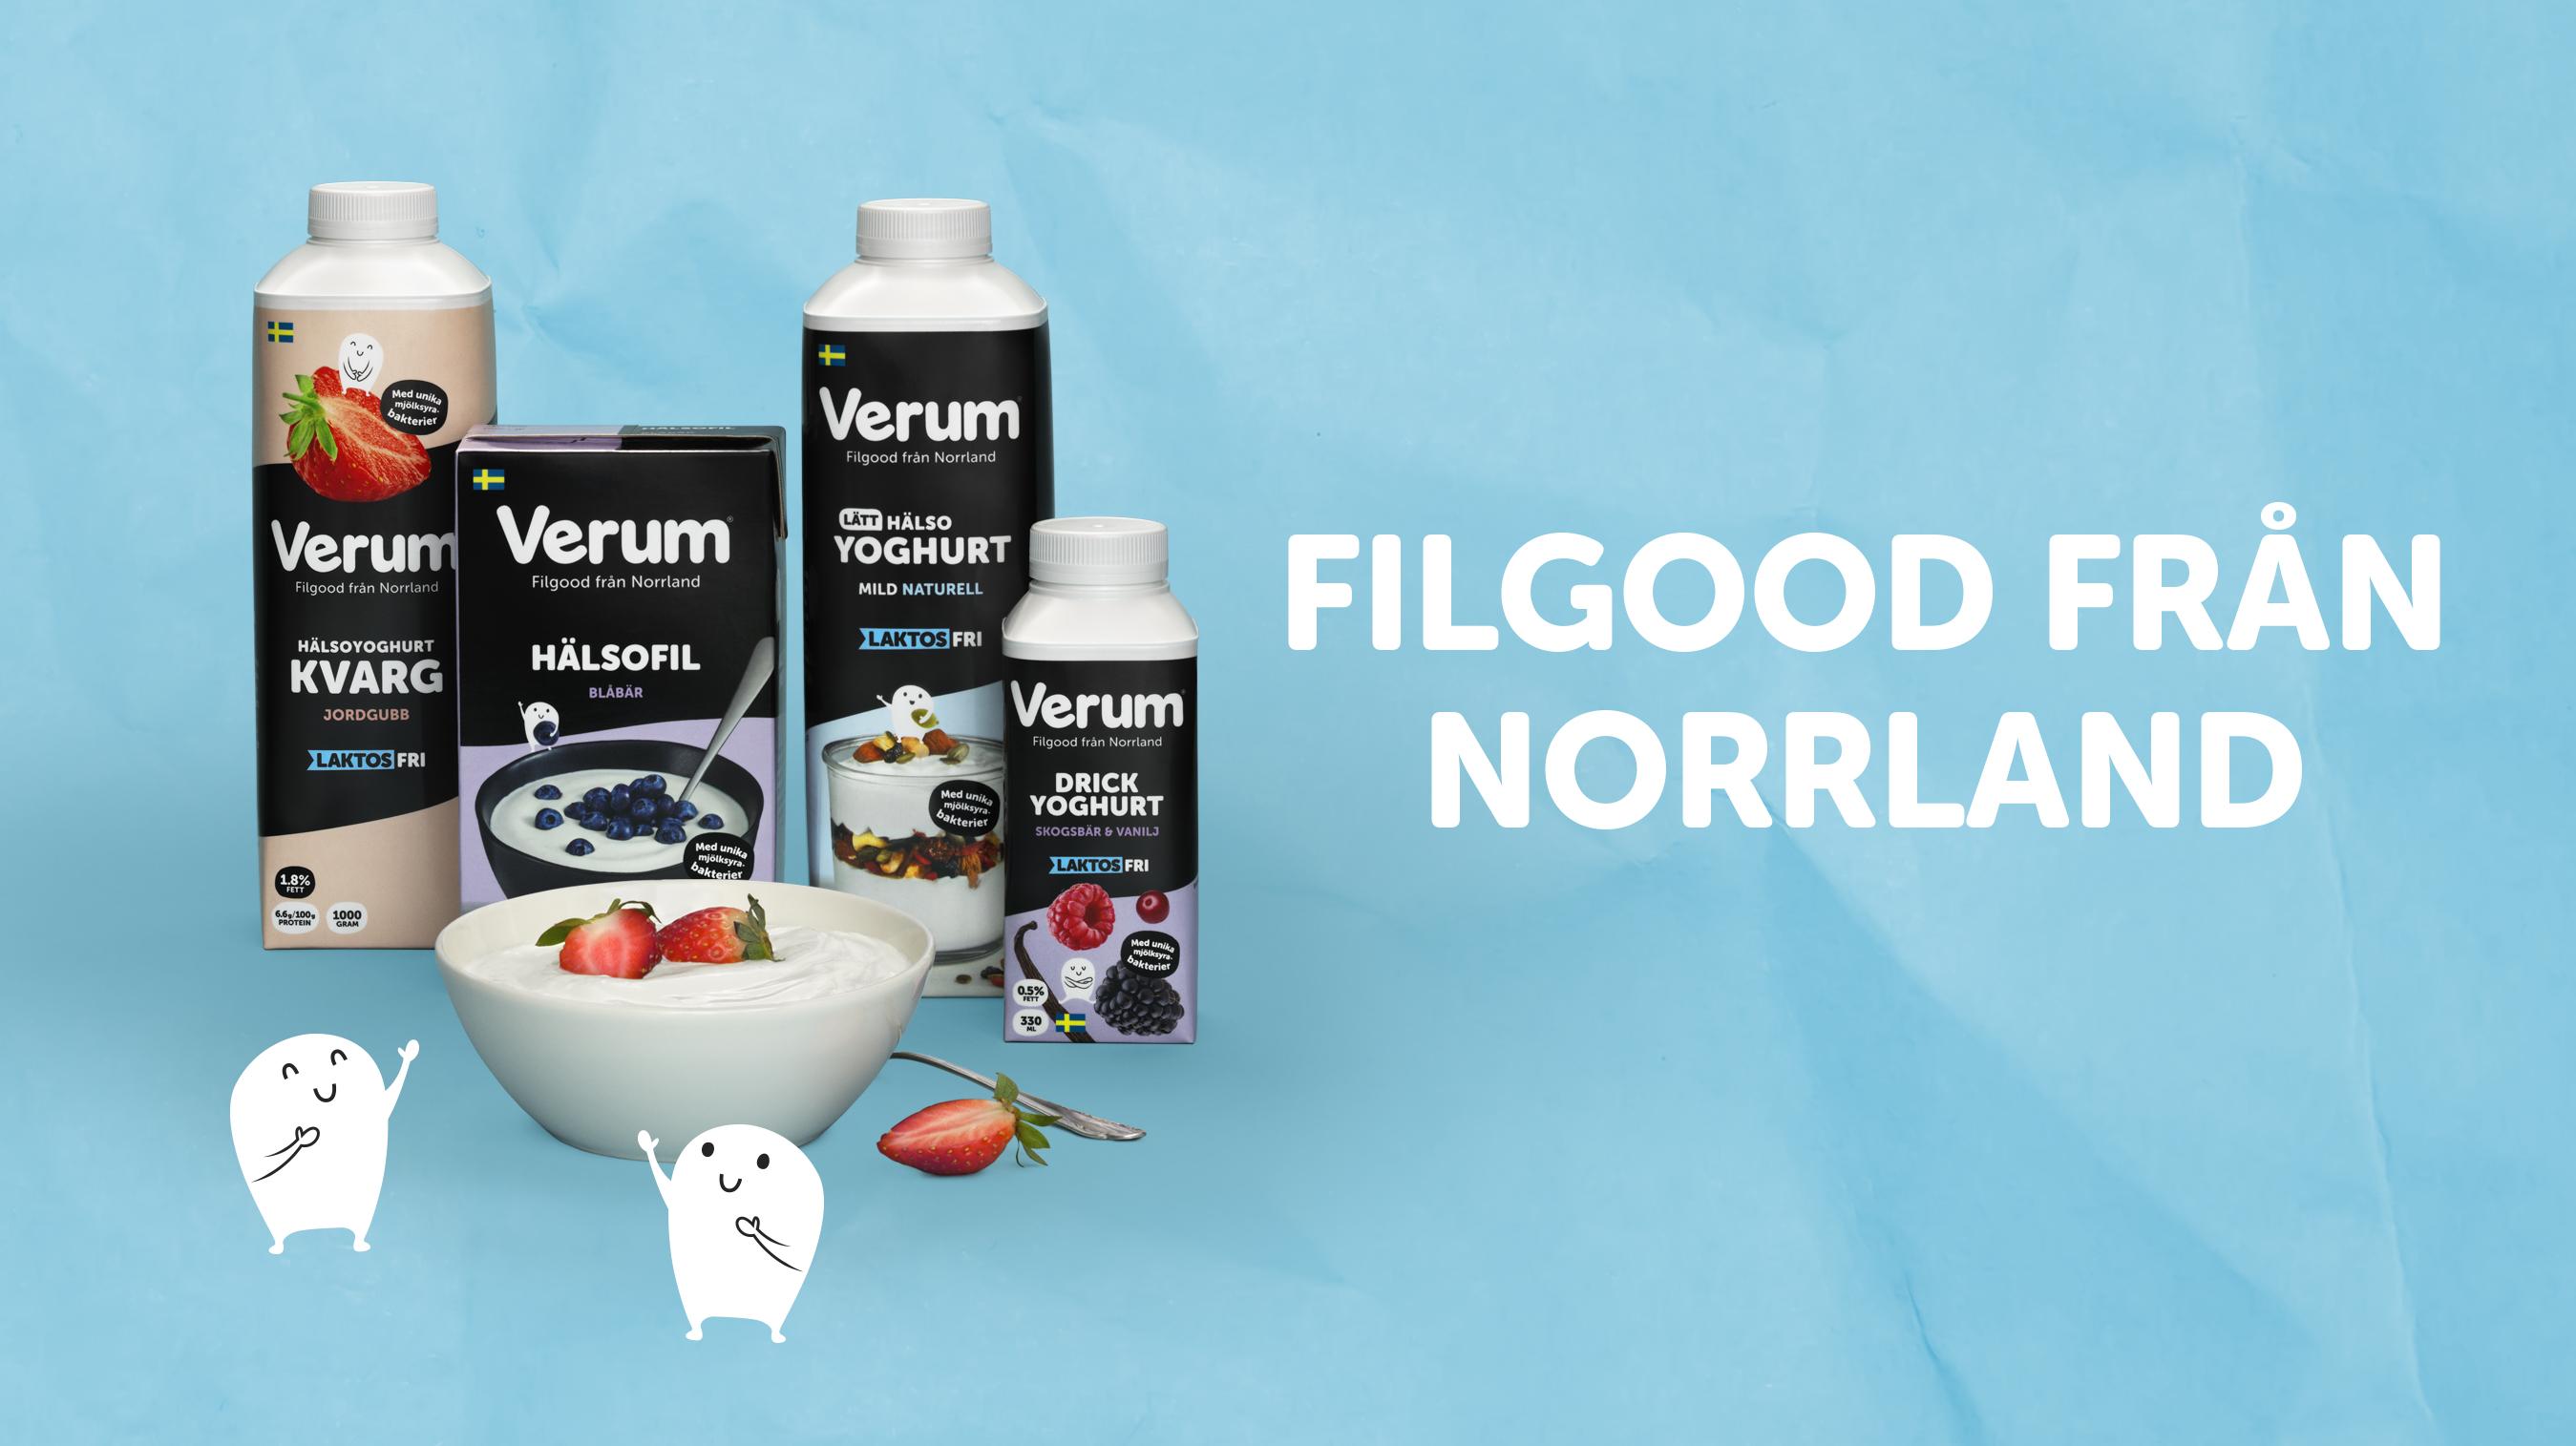 Filgood från Norrland - Verum Fil